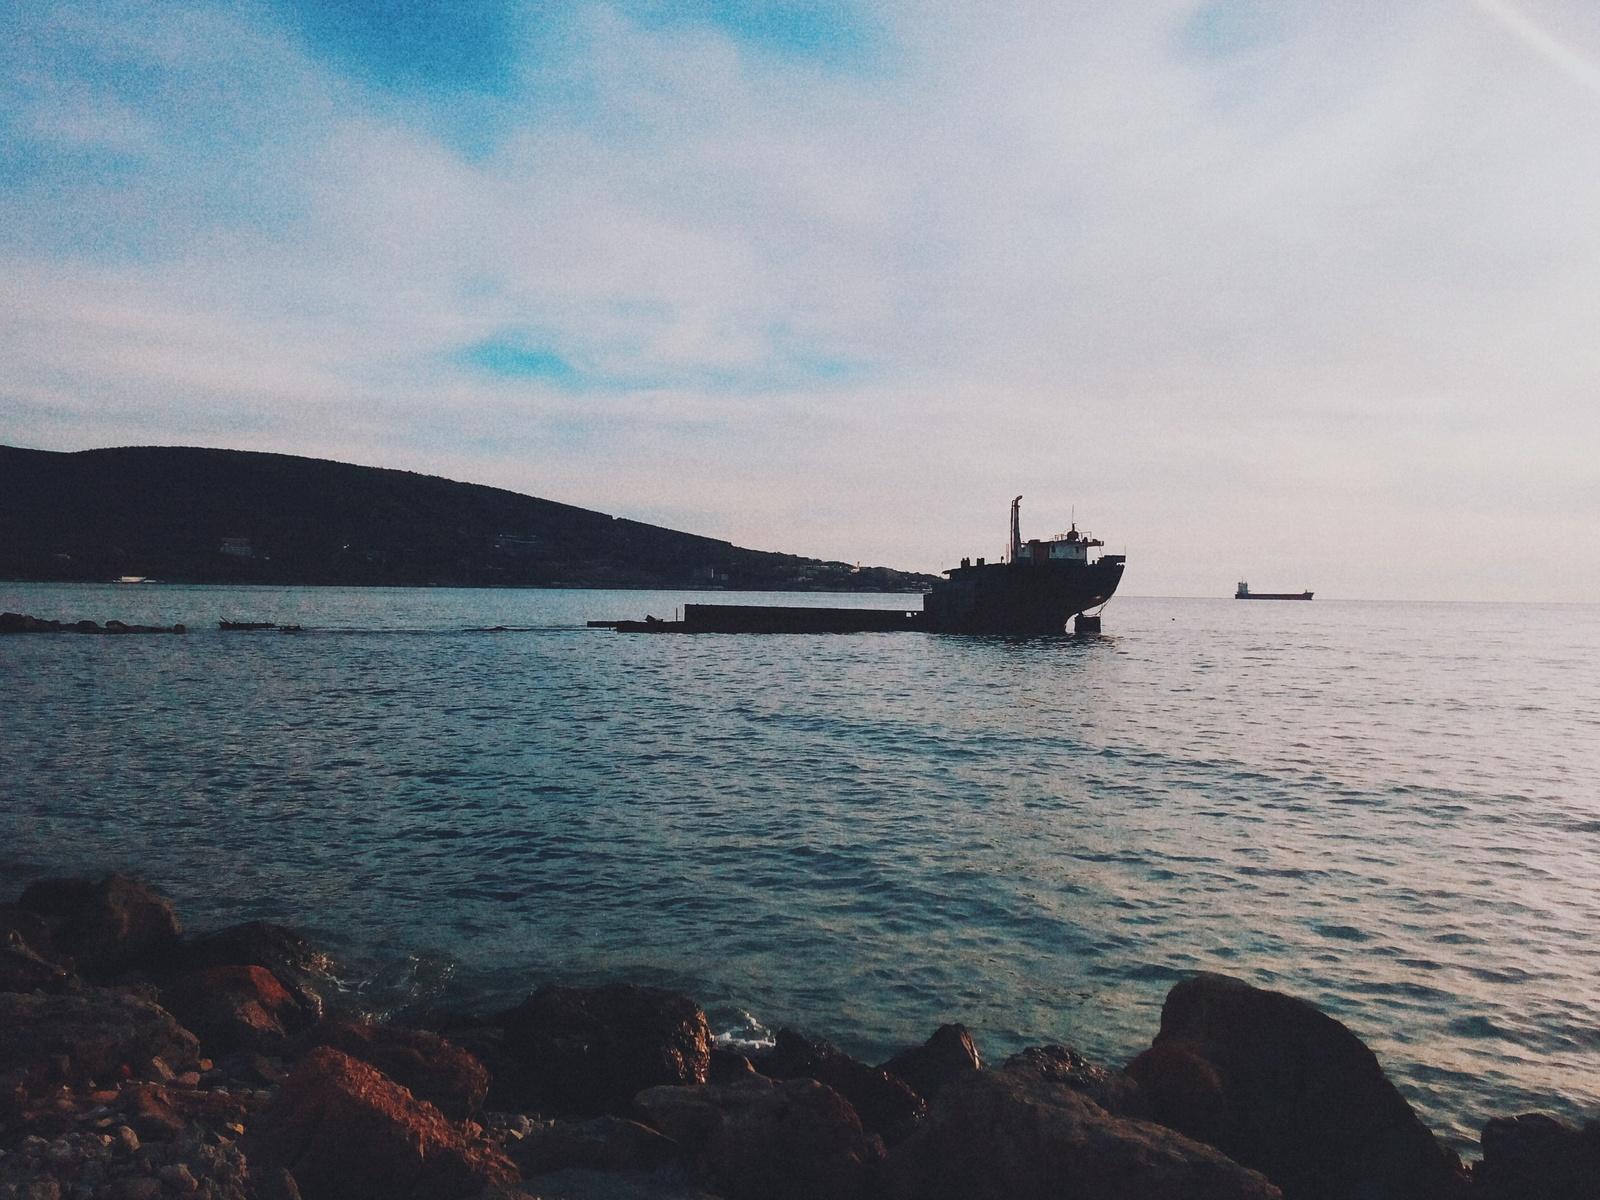 В Черном море затонуло судно из-за возможного смещения груза